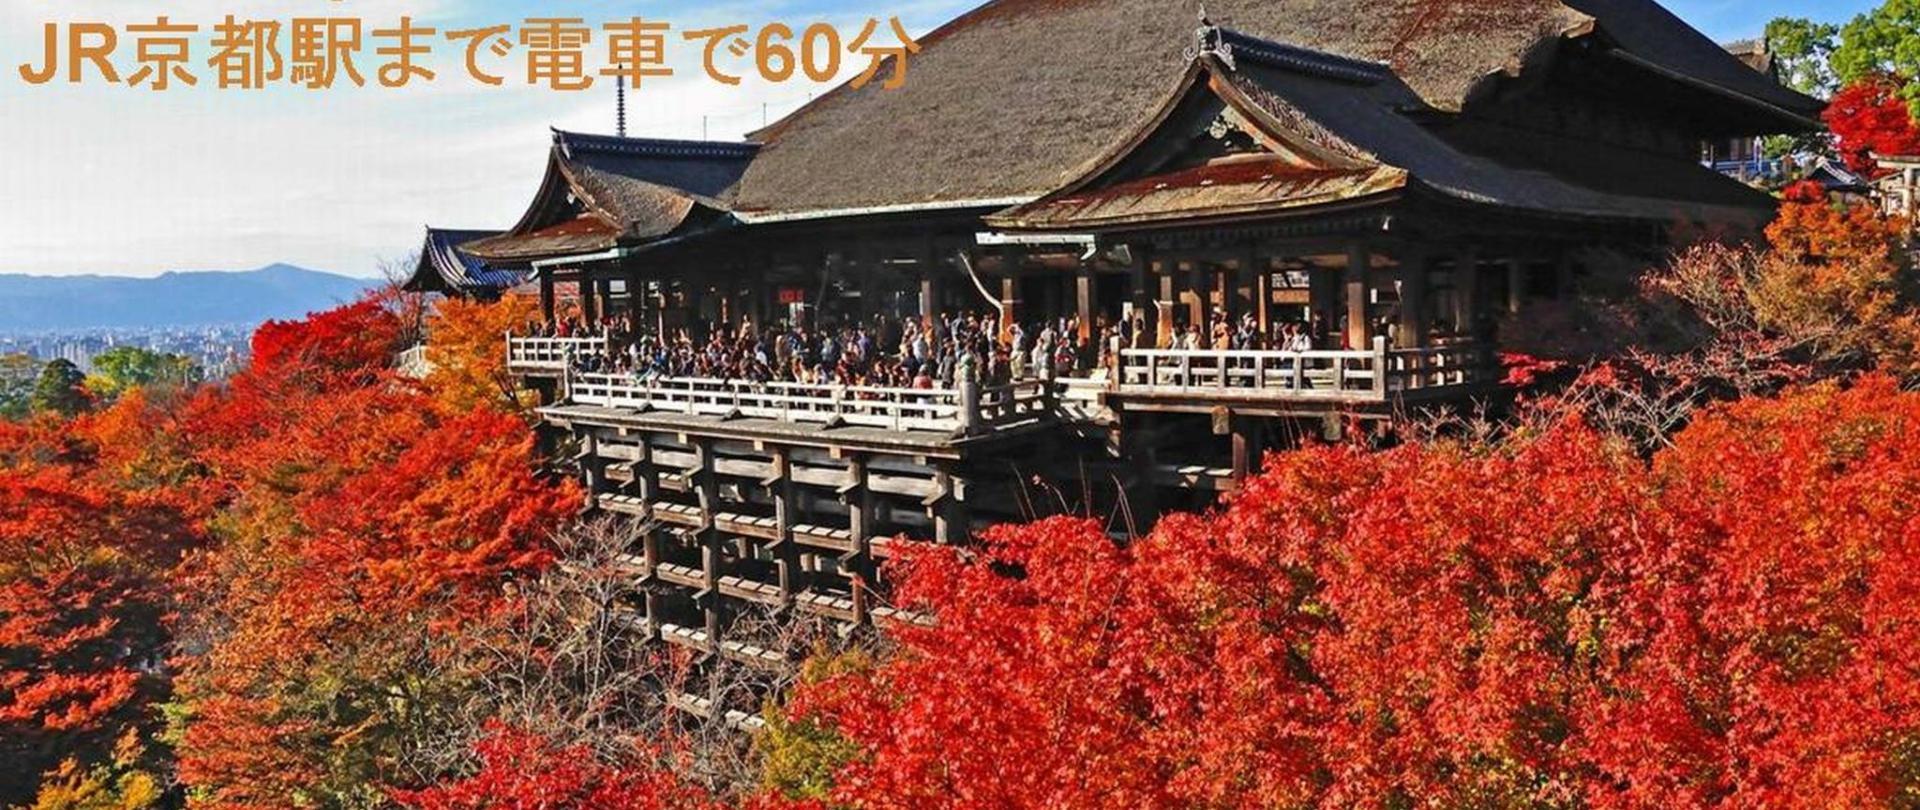 6-8.アクセス 京都.jpg